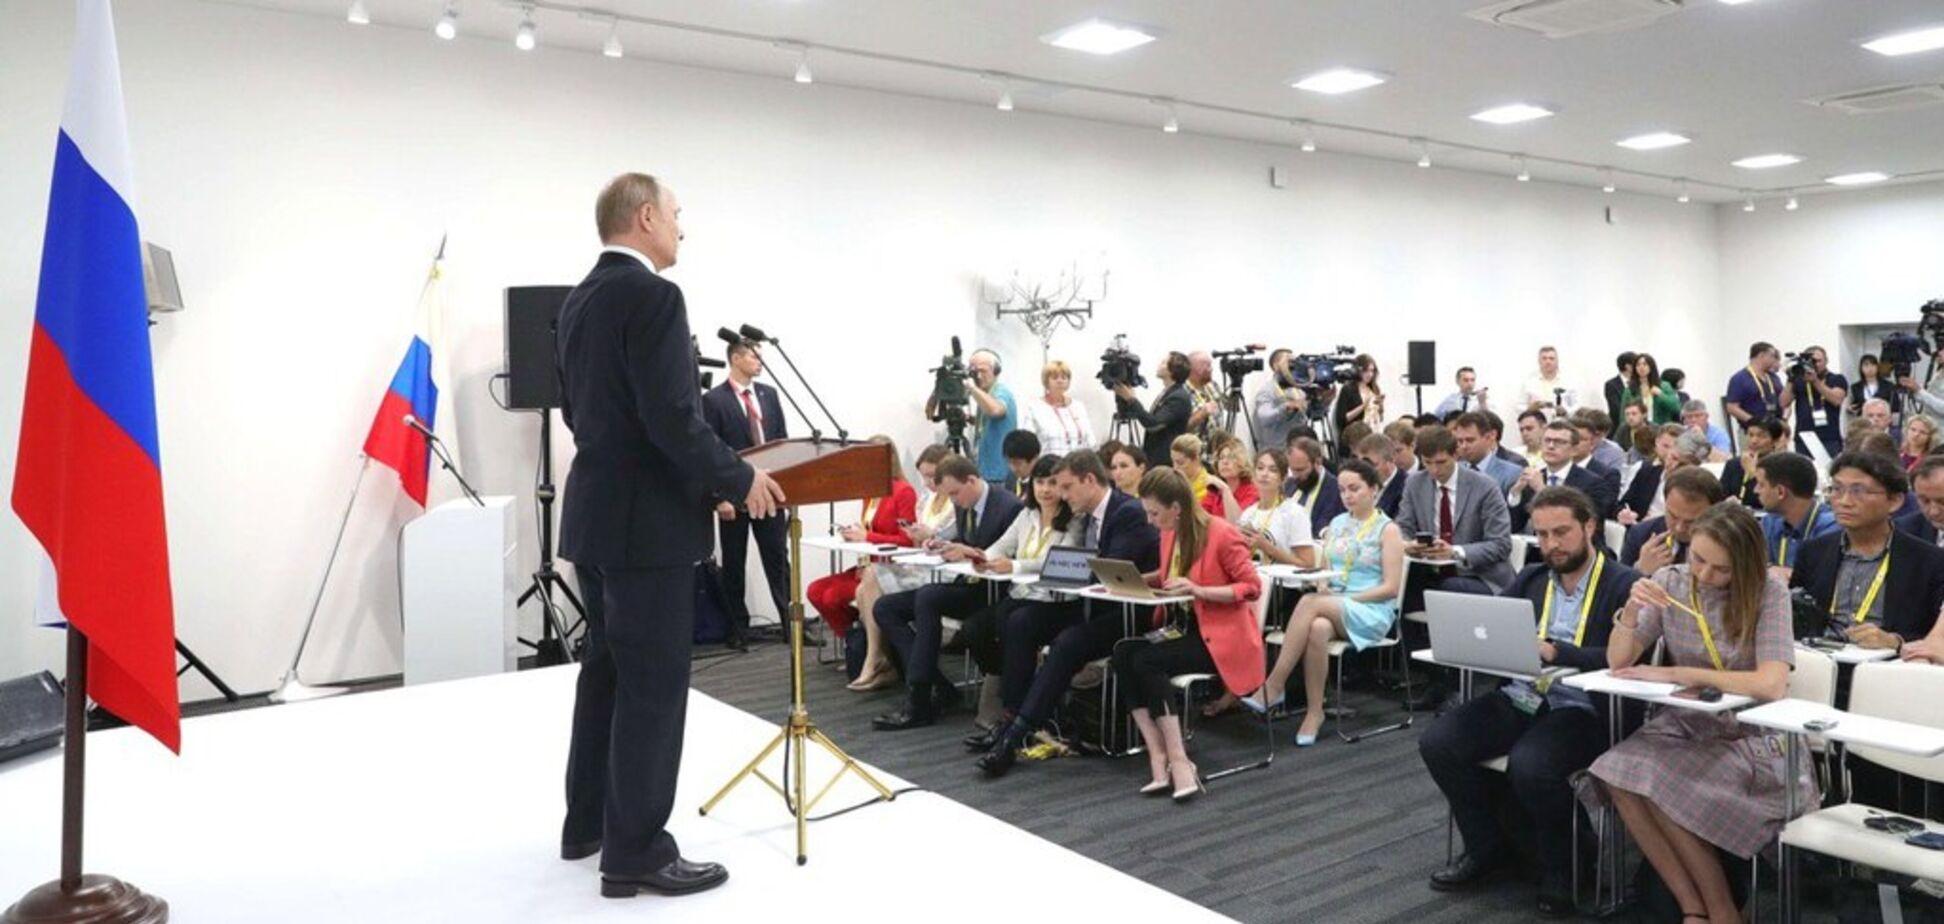 'Всем видно высоту каблуков': Путин попал под насмешки из-за нового фото